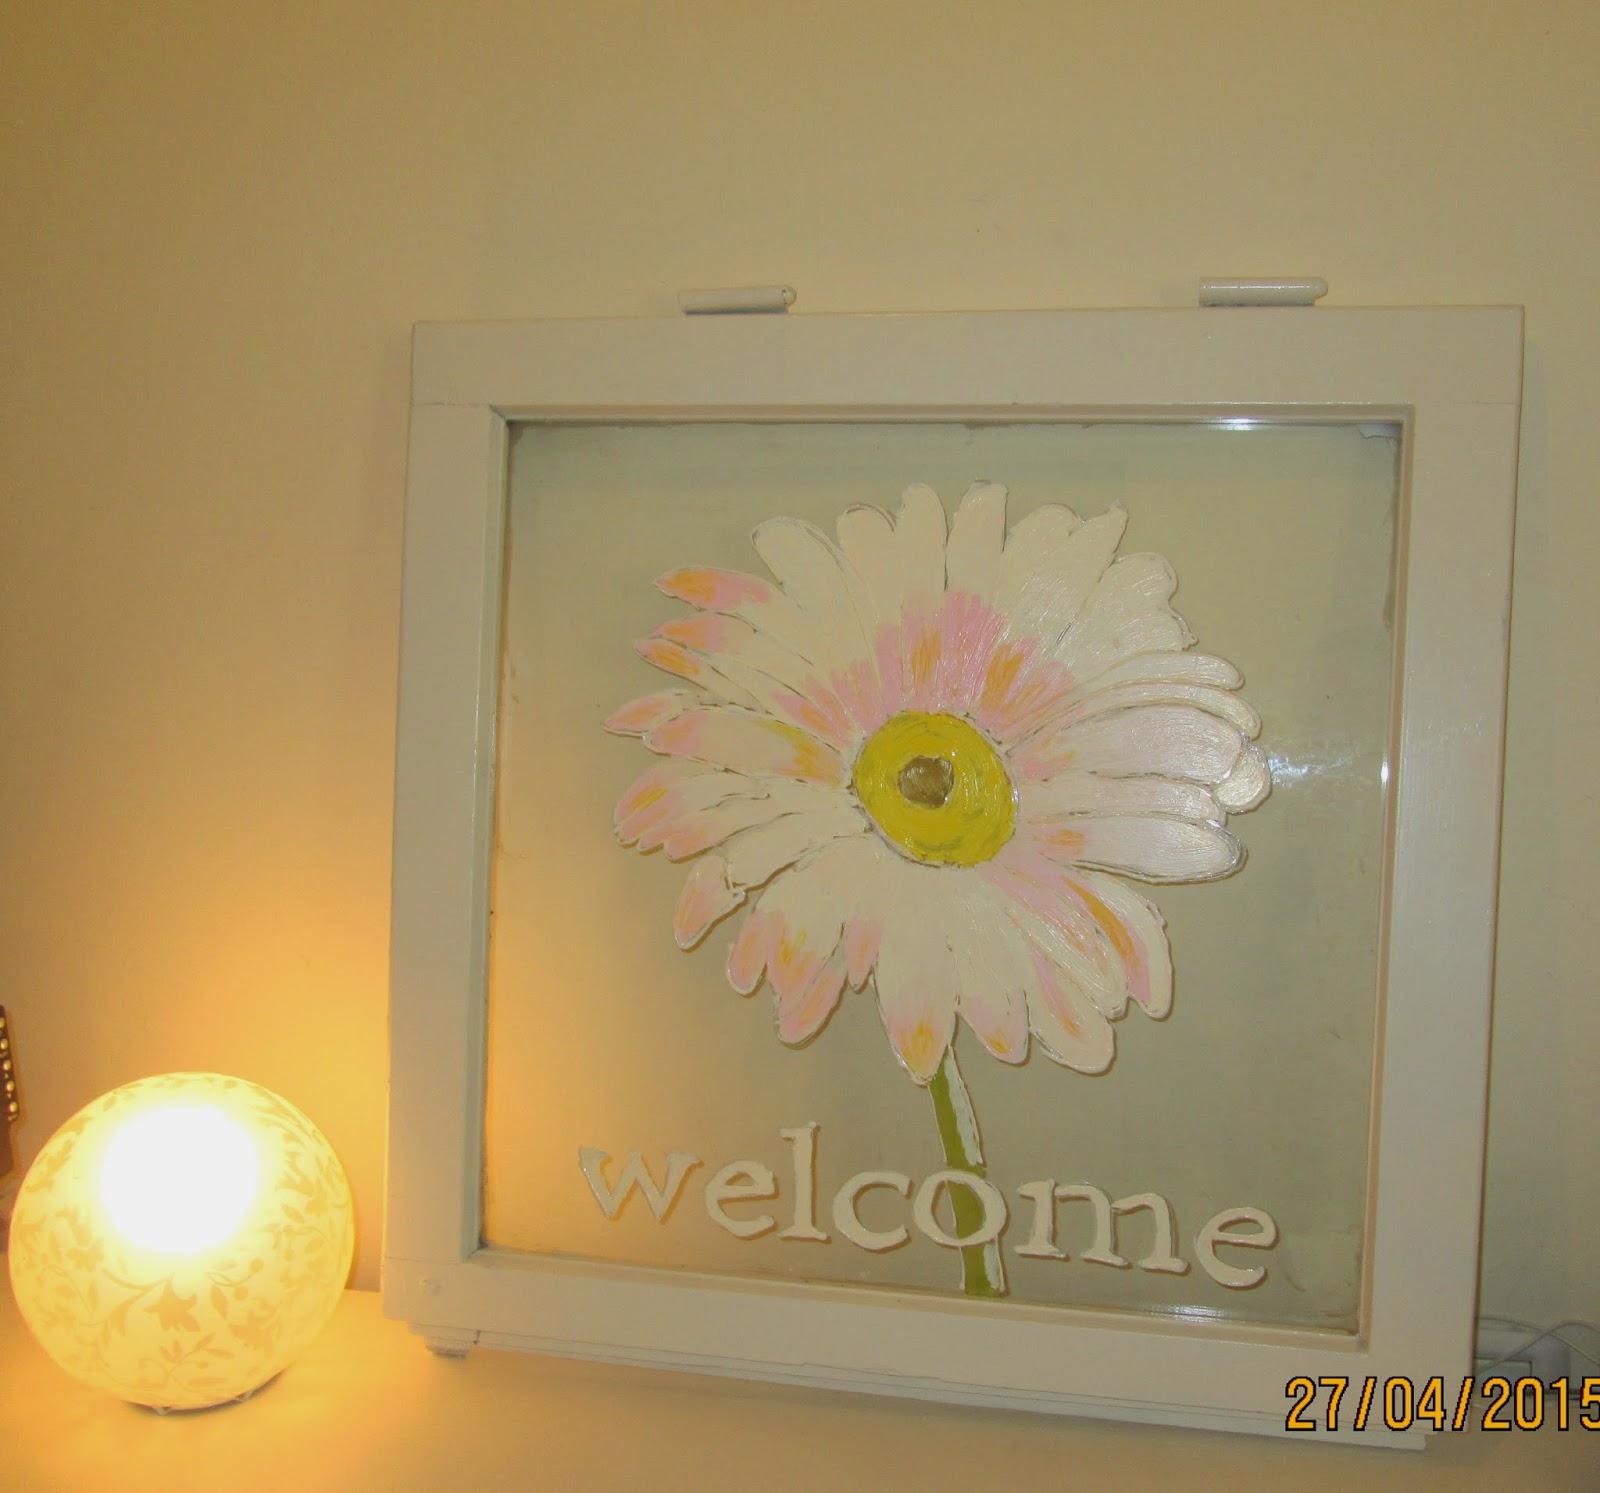 IMG 0025 - מה עושים עם חלון ישן?